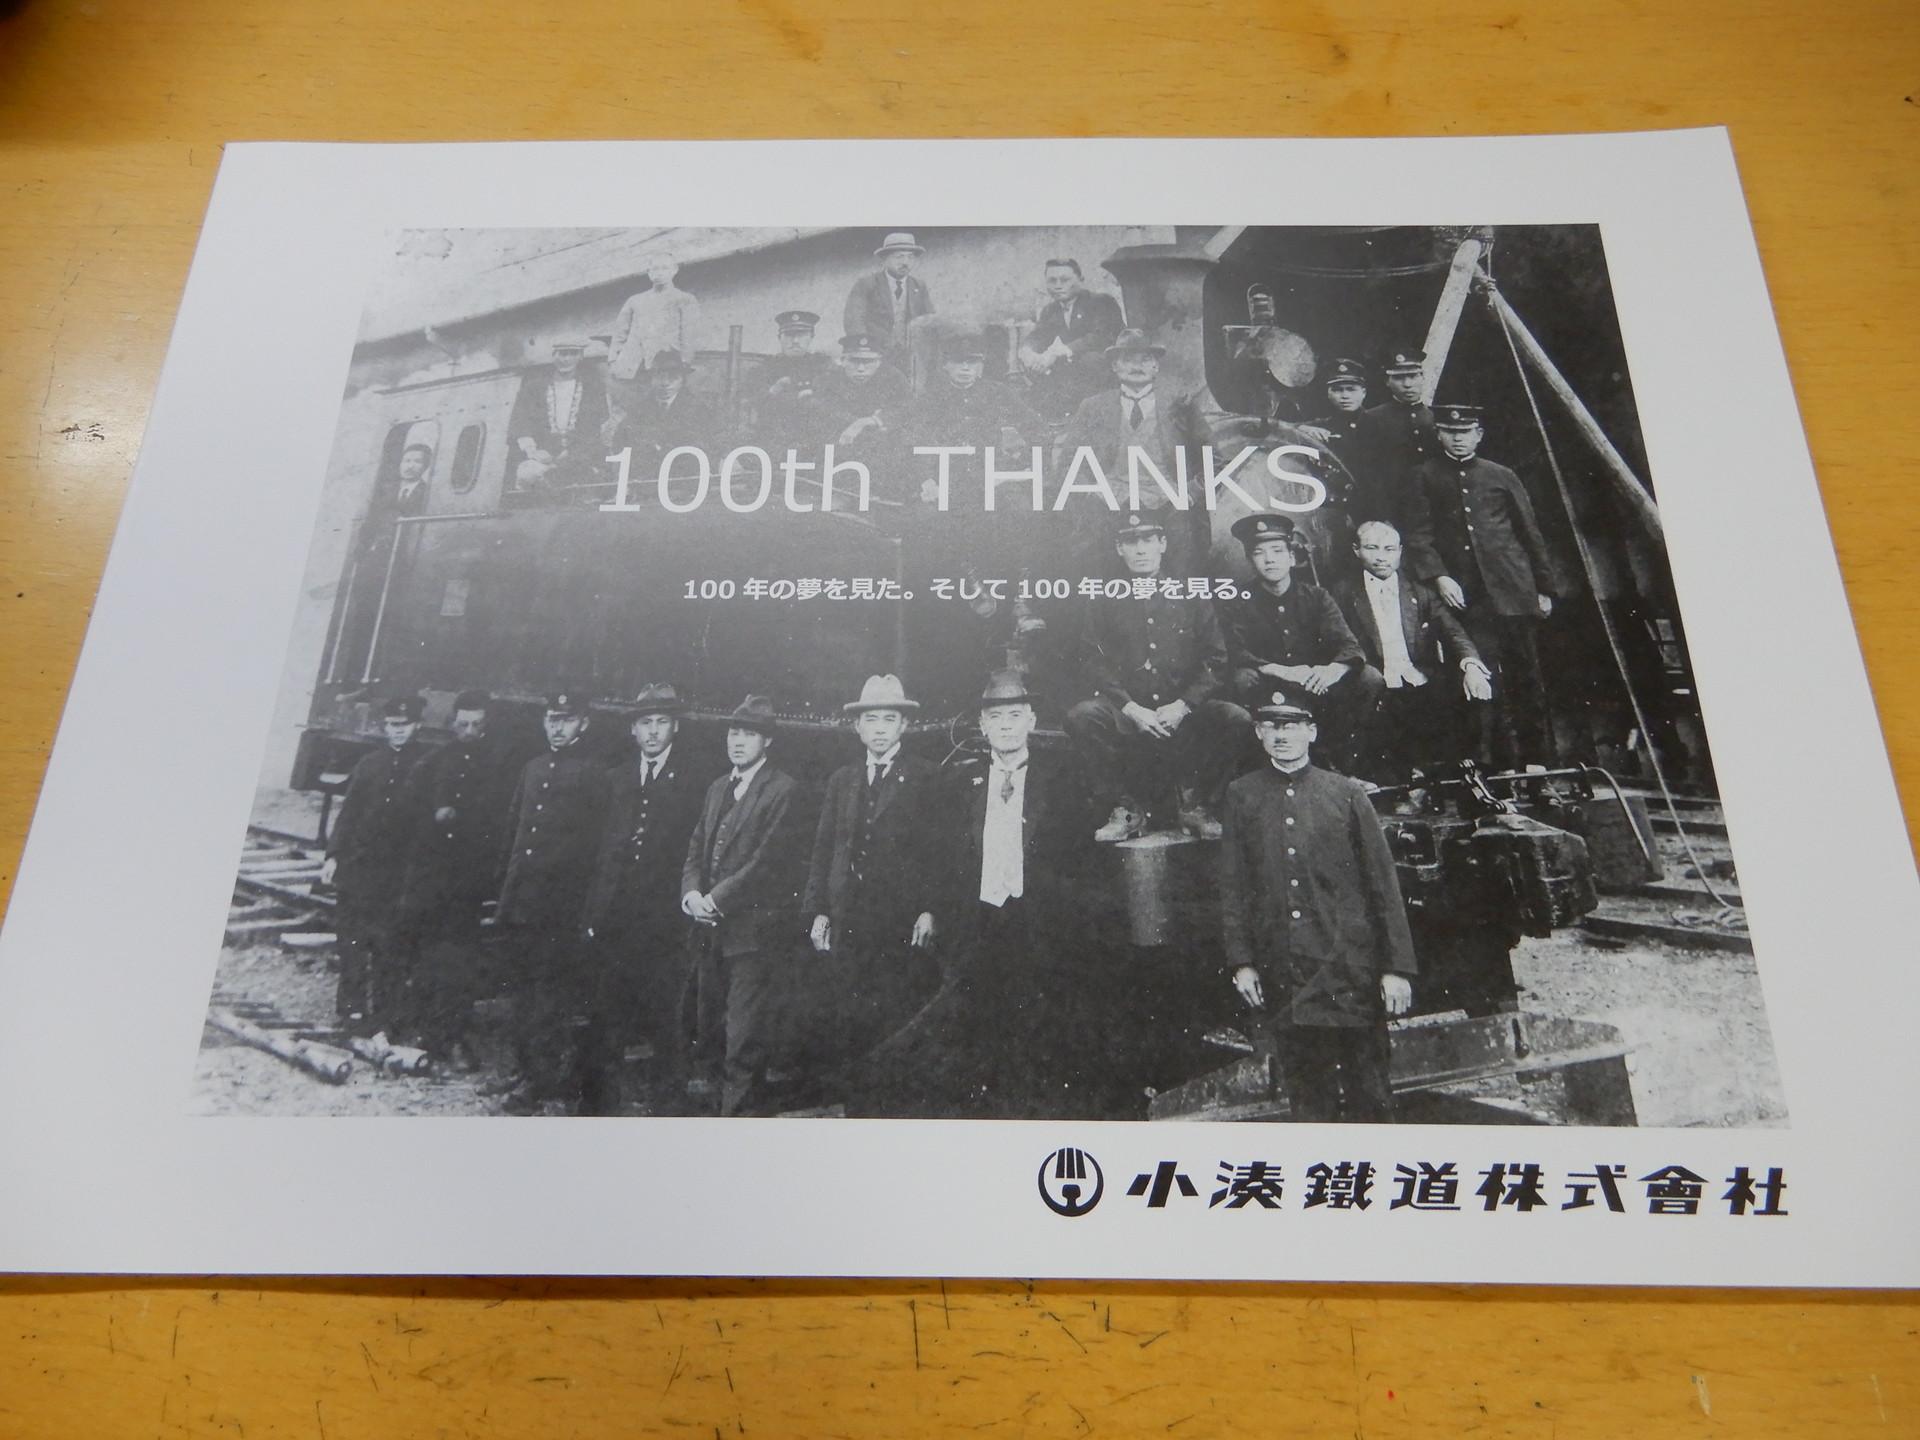 小湊鐡道100年誌の表紙